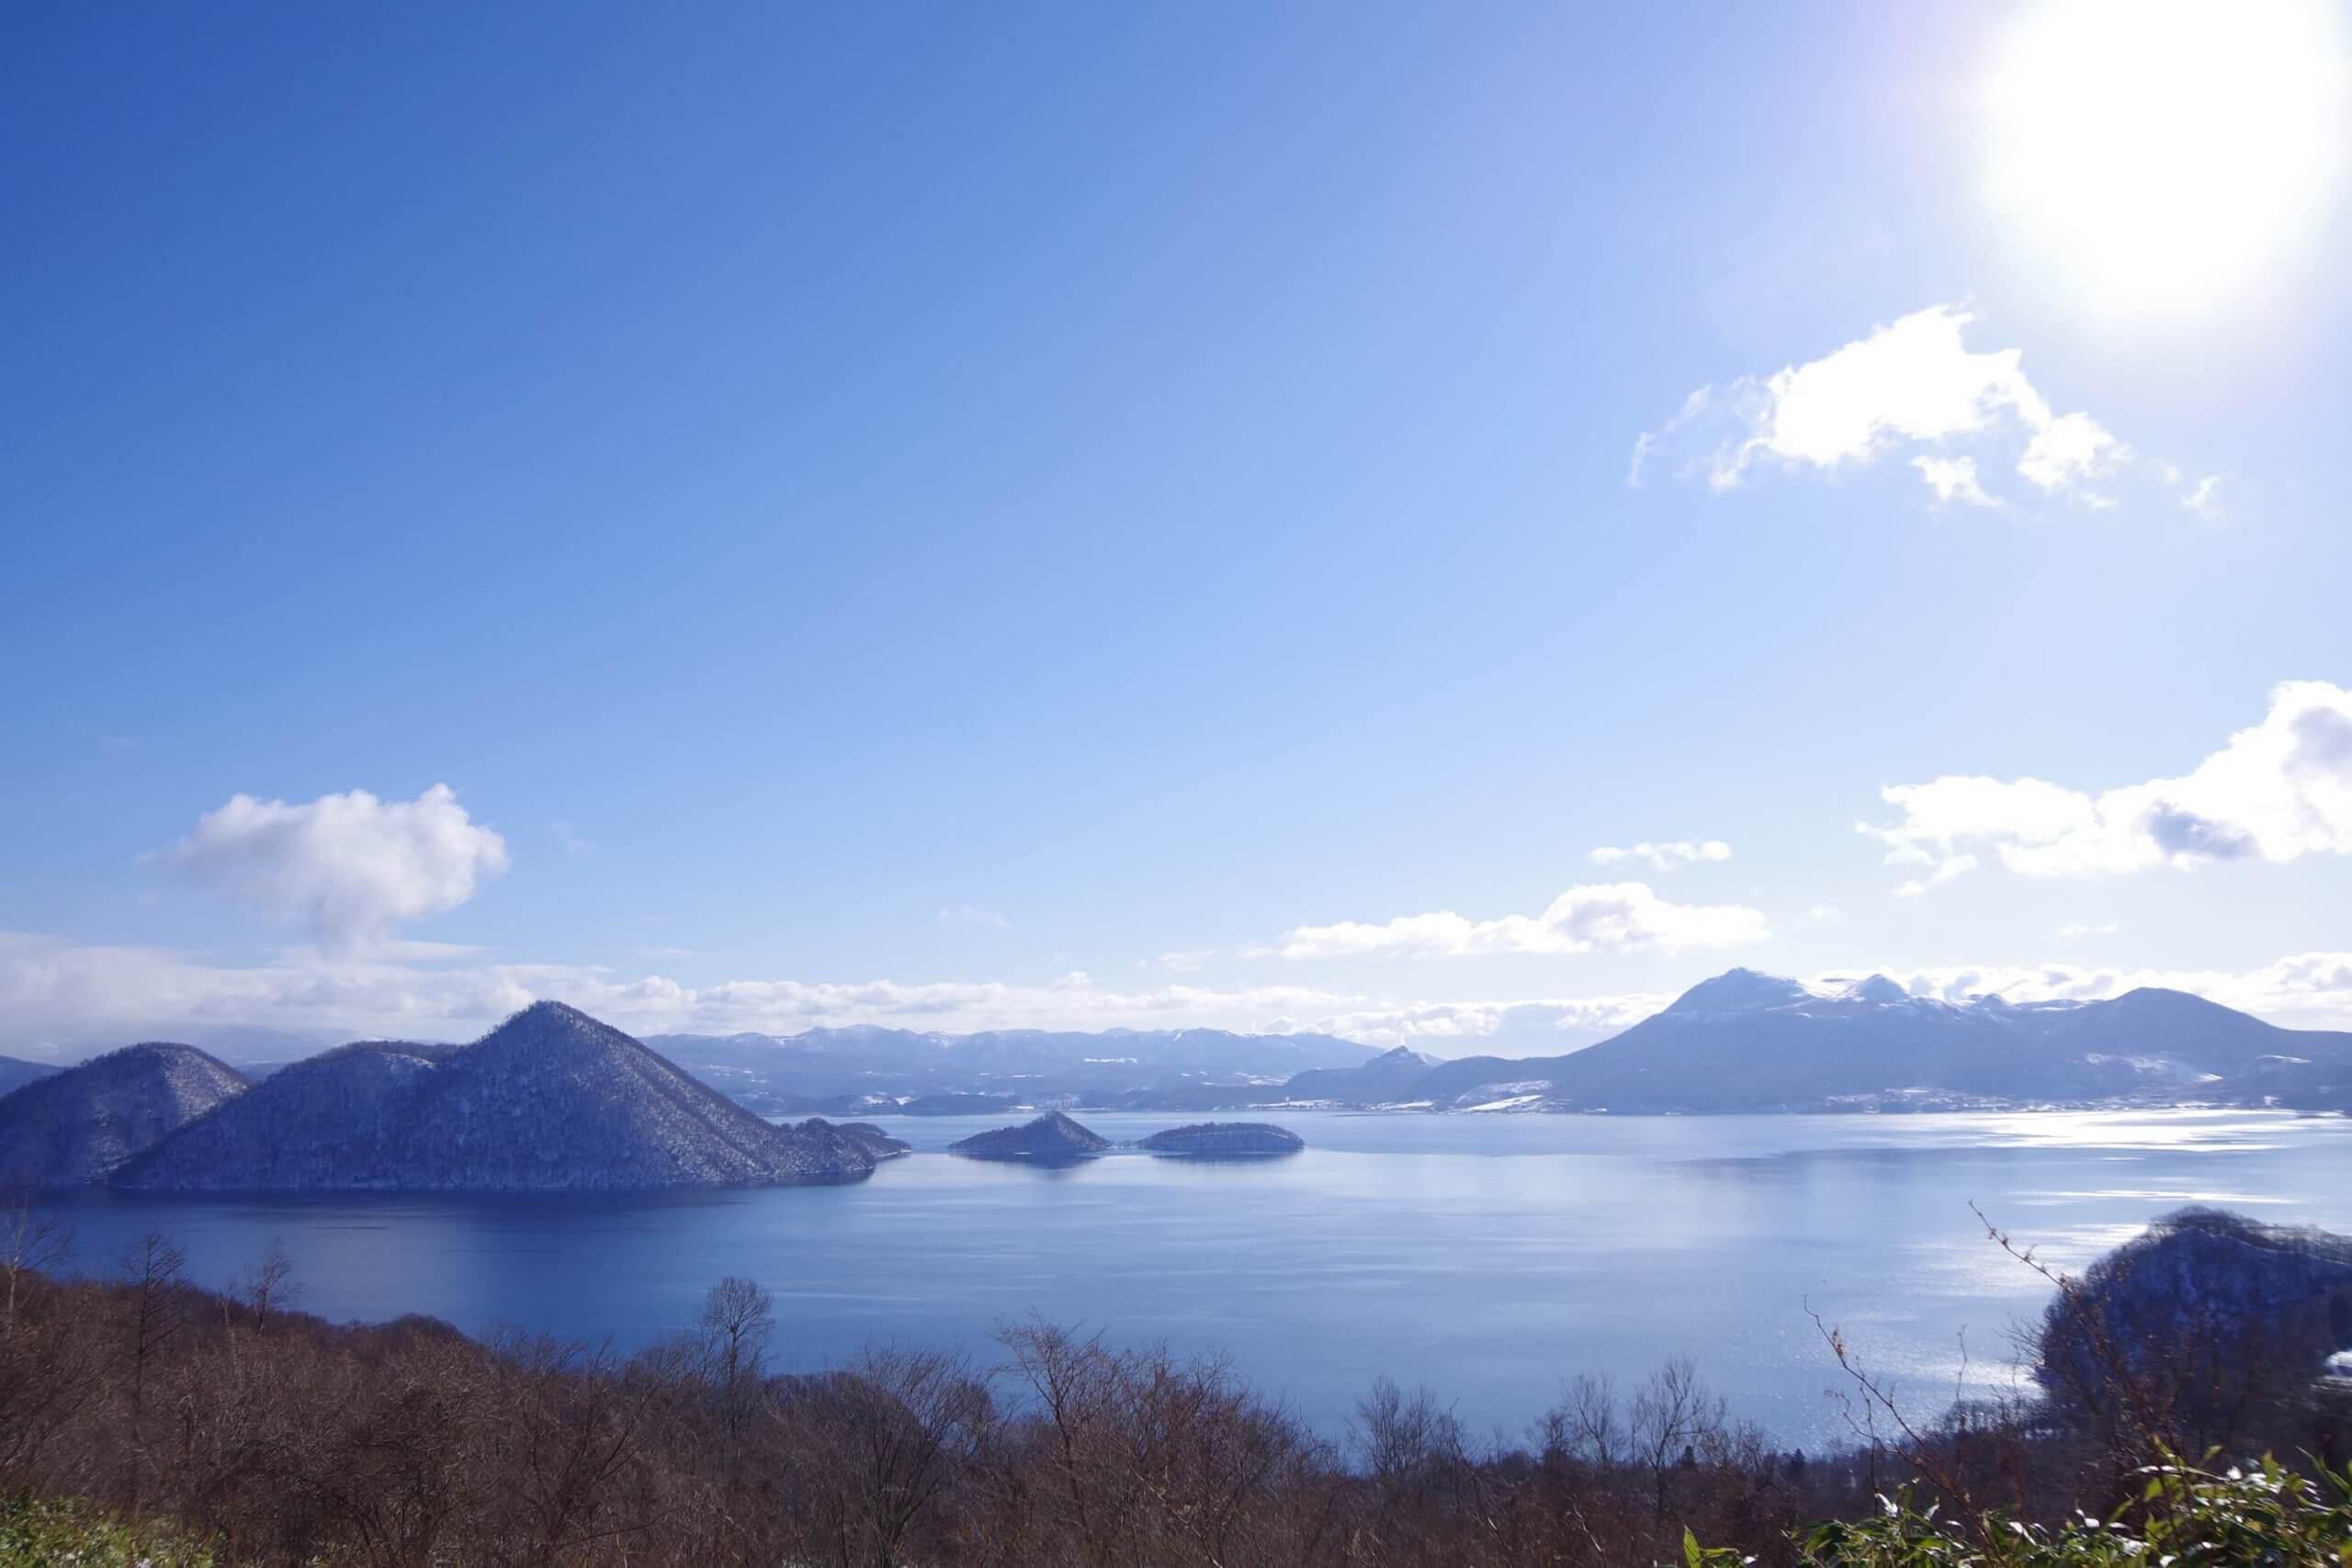 具有湖中之島的日本名湖「洞爺湖」